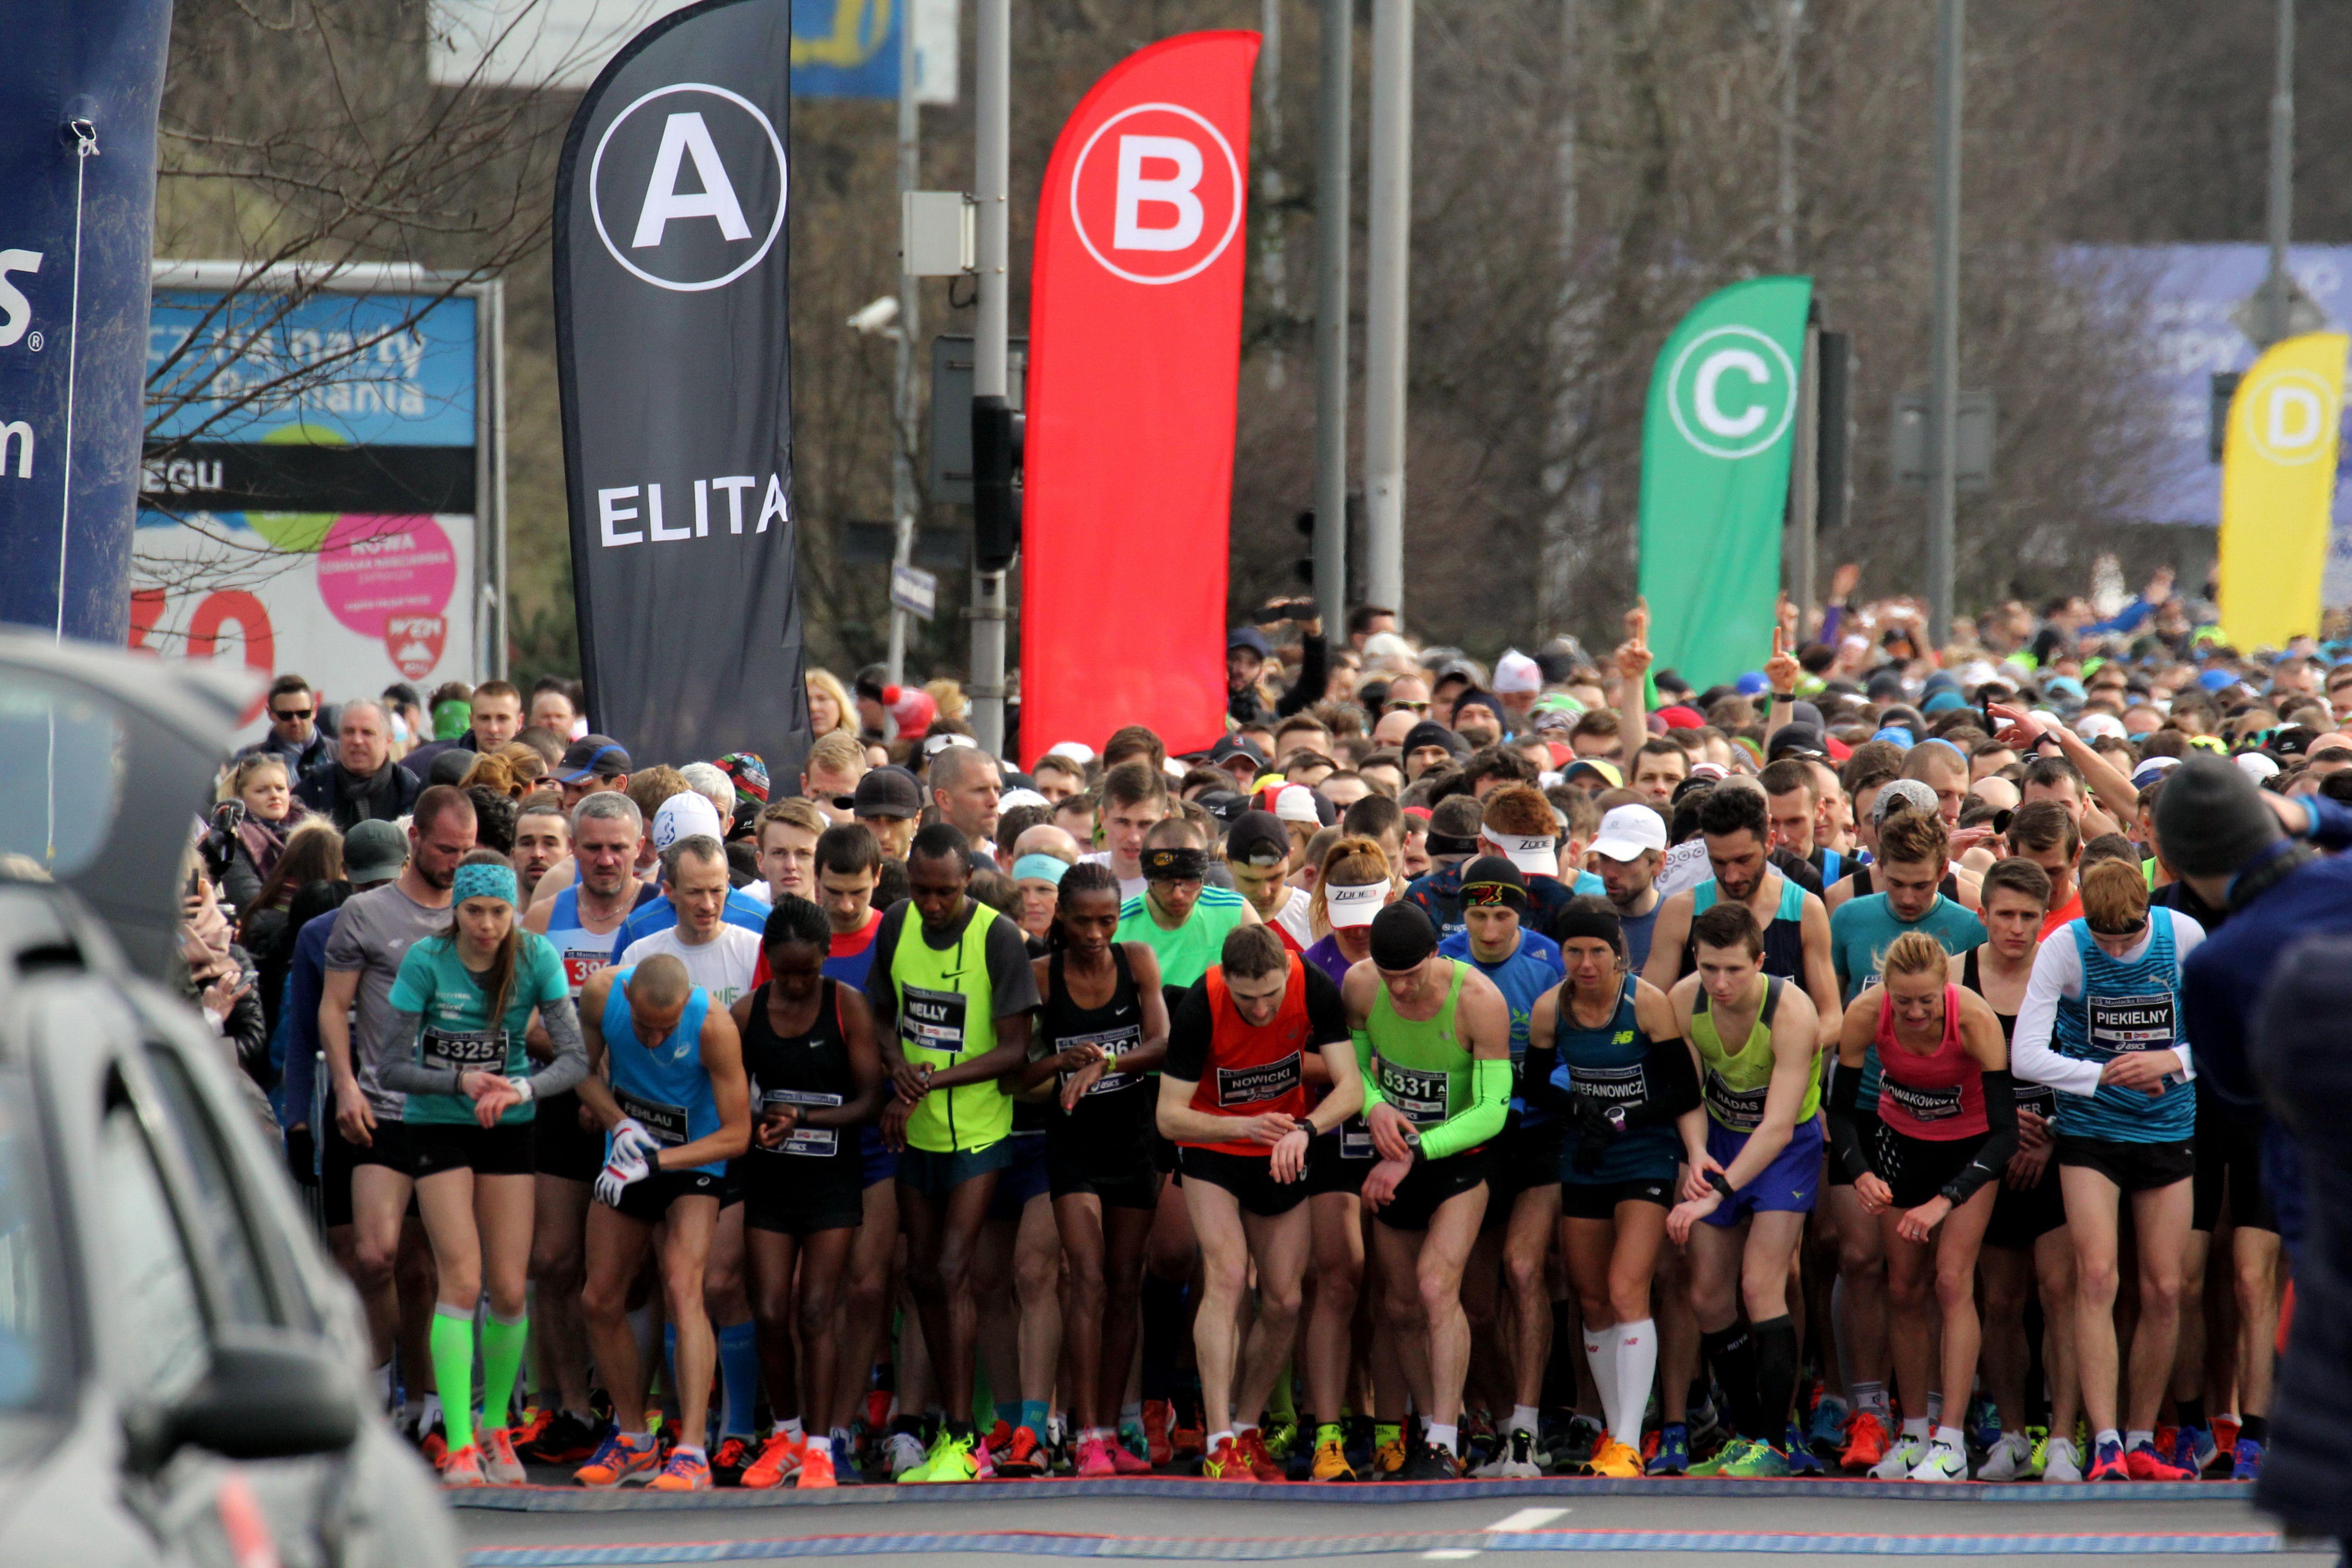 maniacka 2017 d 1075 - 6000 biegaczy stanie na starcie 14. Rekordowej Maniackiej Dziesiątki